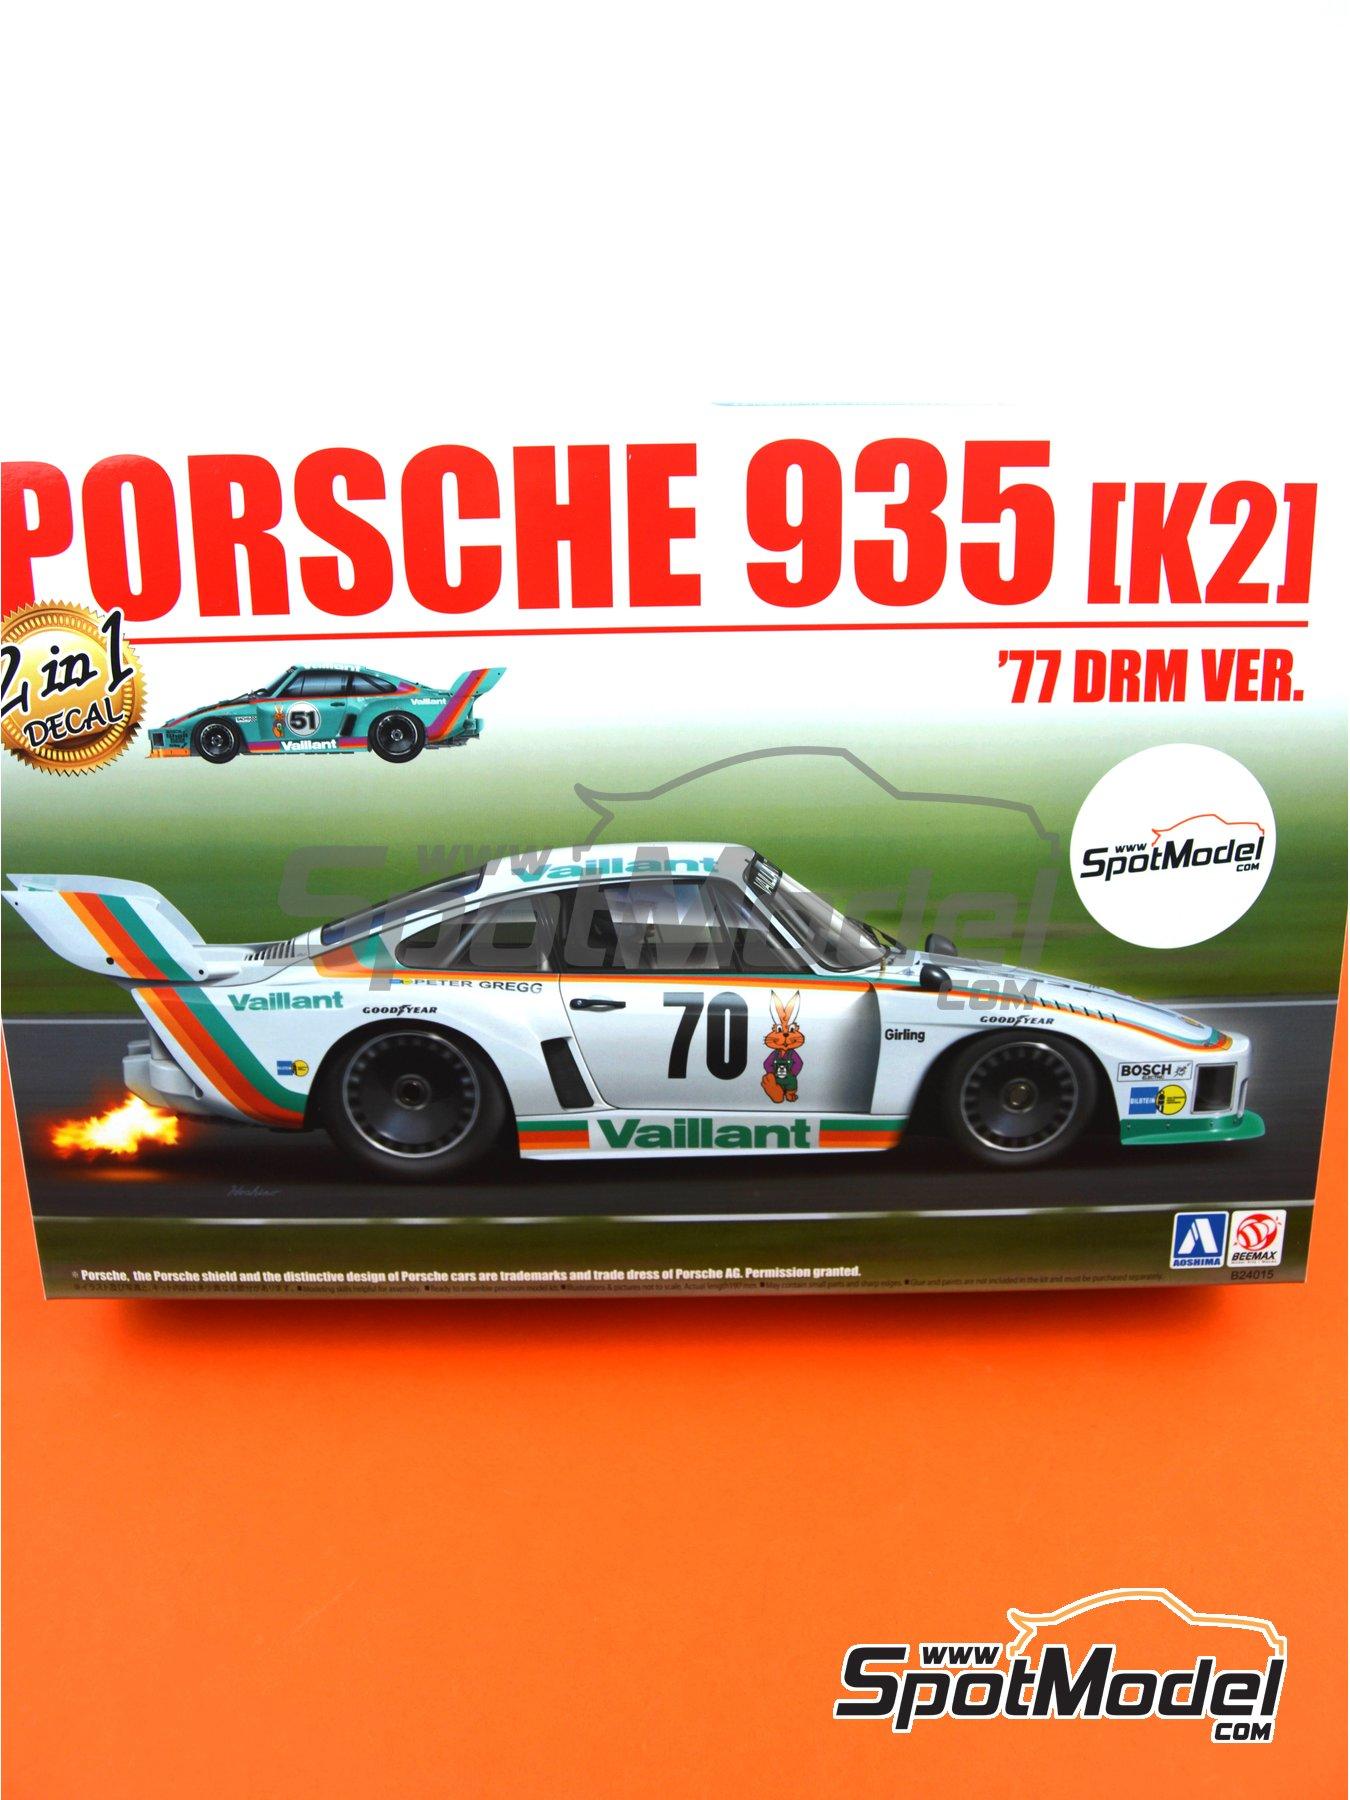 Porsche 935 K2 Kremer Vaillant - 1000 kilómetros de Nürburgring | Maqueta de coche en escala1/24 fabricado por Beemax Model Kits (ref.B24015) image